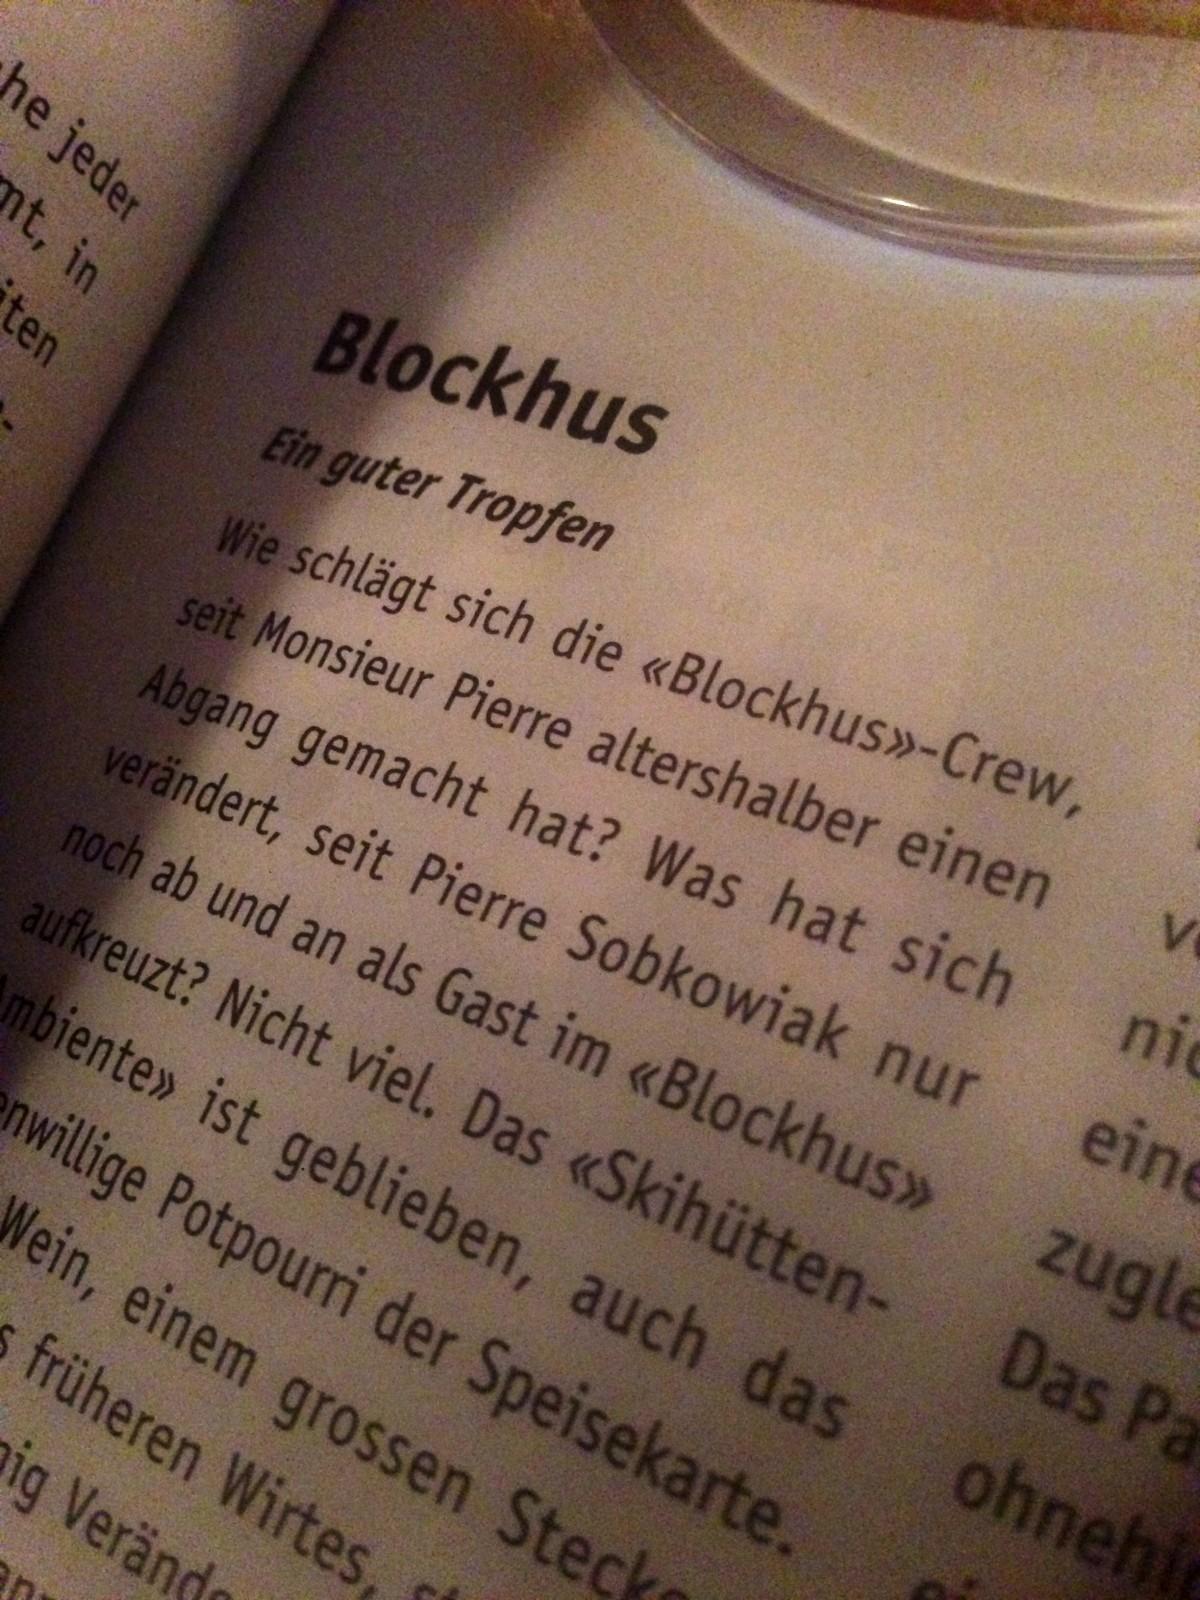 Blockhus